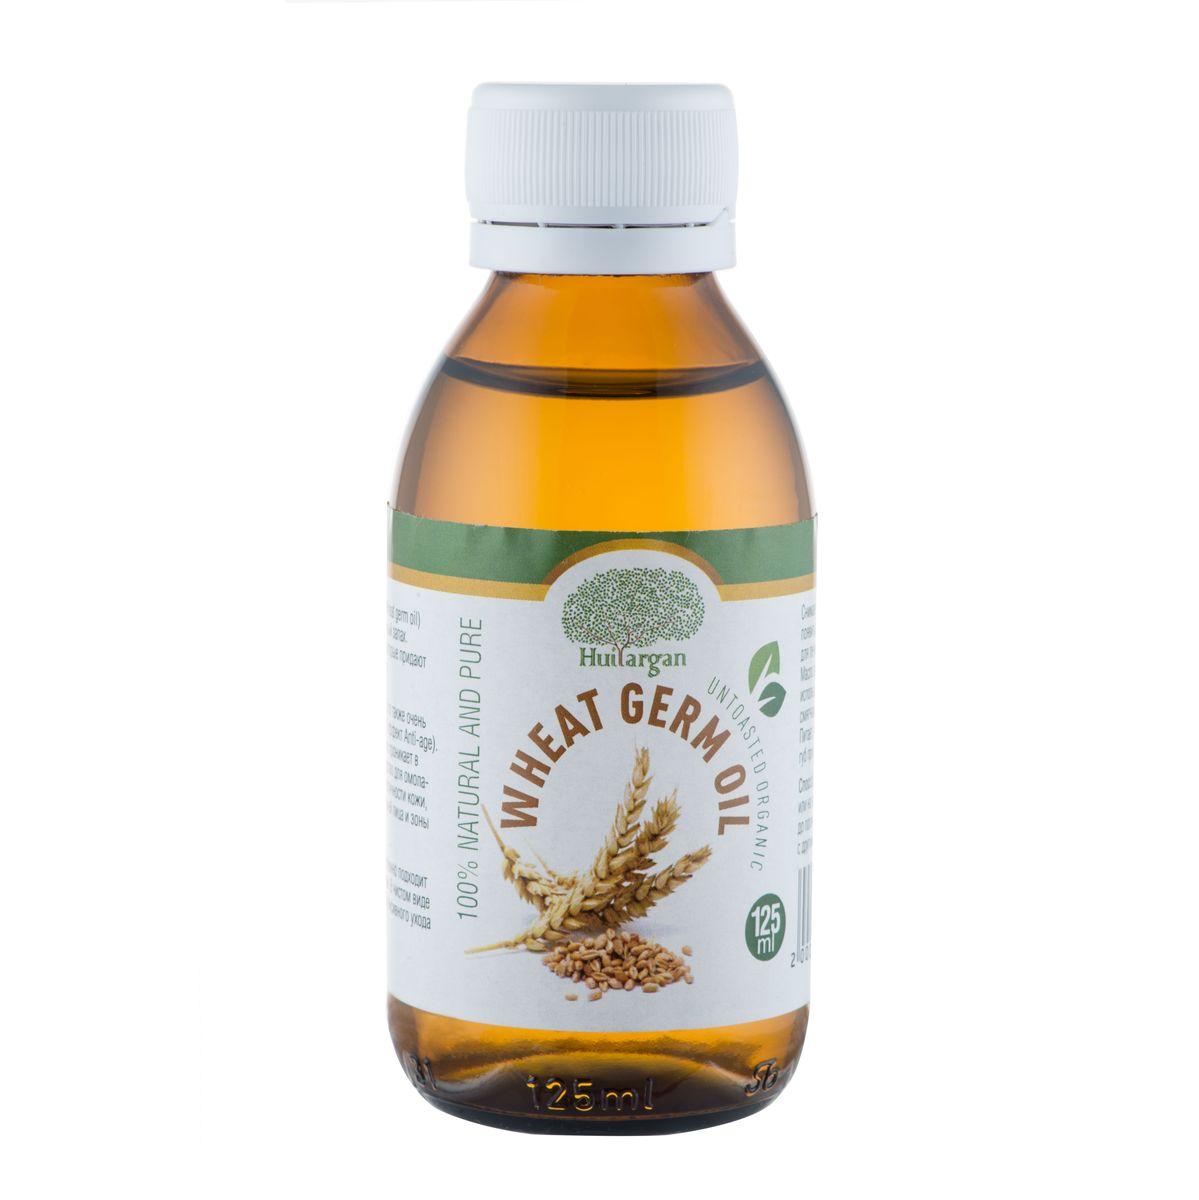 Huilargan Масло зародышей пшеницы, 100% органическое, 125 млБ33041Масло зародышей пшеницы (Wheat germ oil) имеет очень приятный солнечный запах. Оно содержит каротиноиды, которые придают ему его красивый желтый цвет.Богато кислотами омега-3, 6. Это также очень важный источник витамина Е ( эффект Anti-age). За счет того, что масло глубоко проникает в клетки кожи это отличное средство для омолаживания и восстановления эластичности кожи, рекомендуется для ухода за кожей лица и зоны декольте.Хорошо питает и защищает, особенно подходит для обезвоженной и сухой кожи. В чистом виде это идеальное средство для интенсивного ухода за потрескавшейся кожей.Снимает воспаления, которые могут появиться на коже. Прекрасно подходит для лечения угрей и прыщей на коже.Масло зародышей пшеницы может использоваться для снятия макияжа и как смягчающее средство для кожи лица и тела.Питает, тонизирует и защищает кожу рук и губ при холодной погоде.